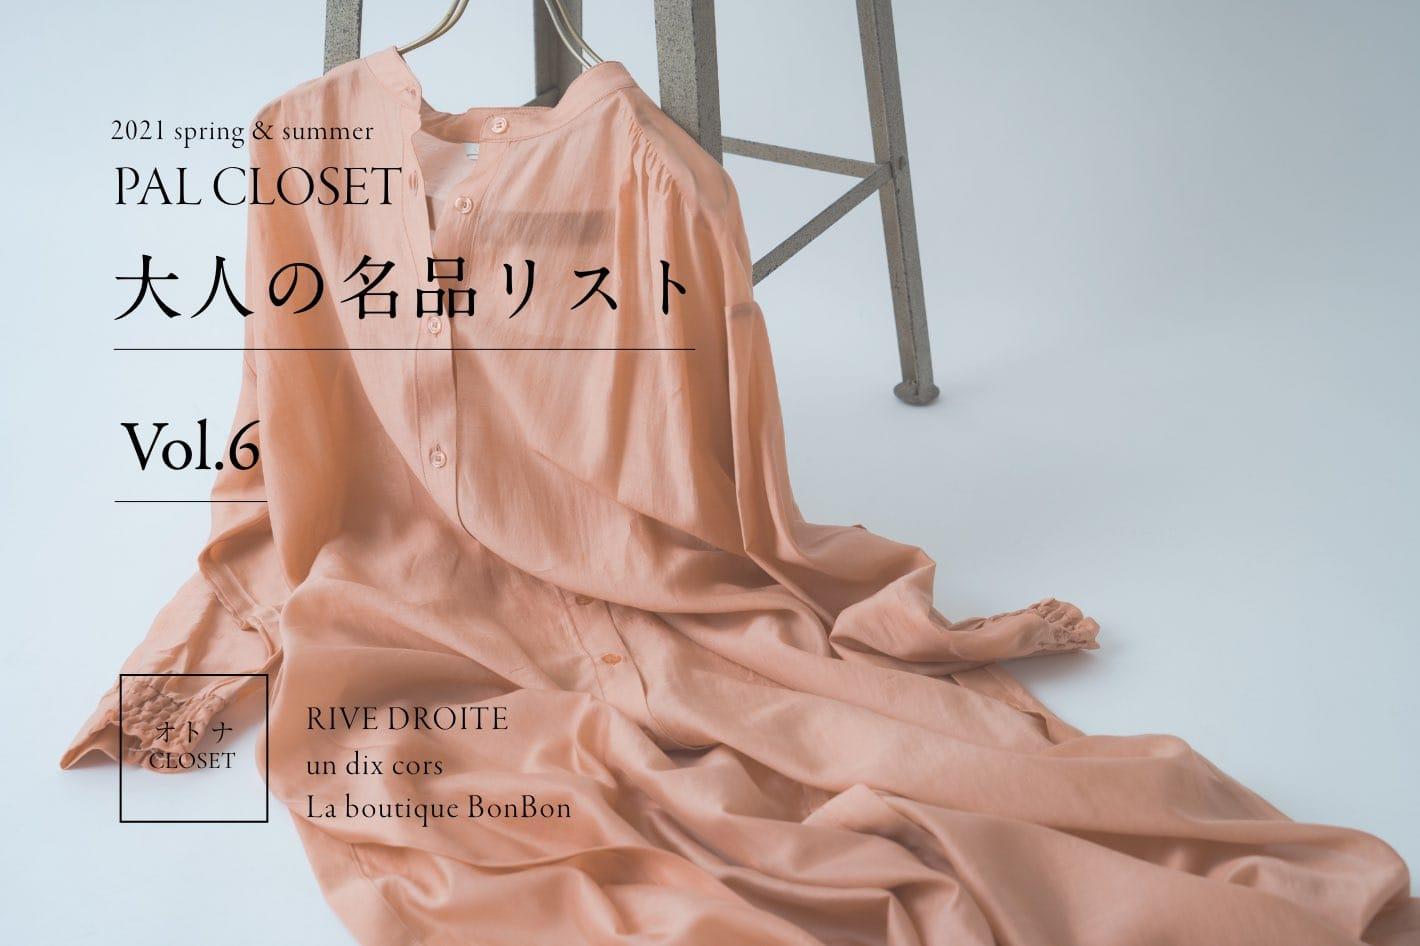 【オトナCLOSET】オトナの名品リスト Vol.6